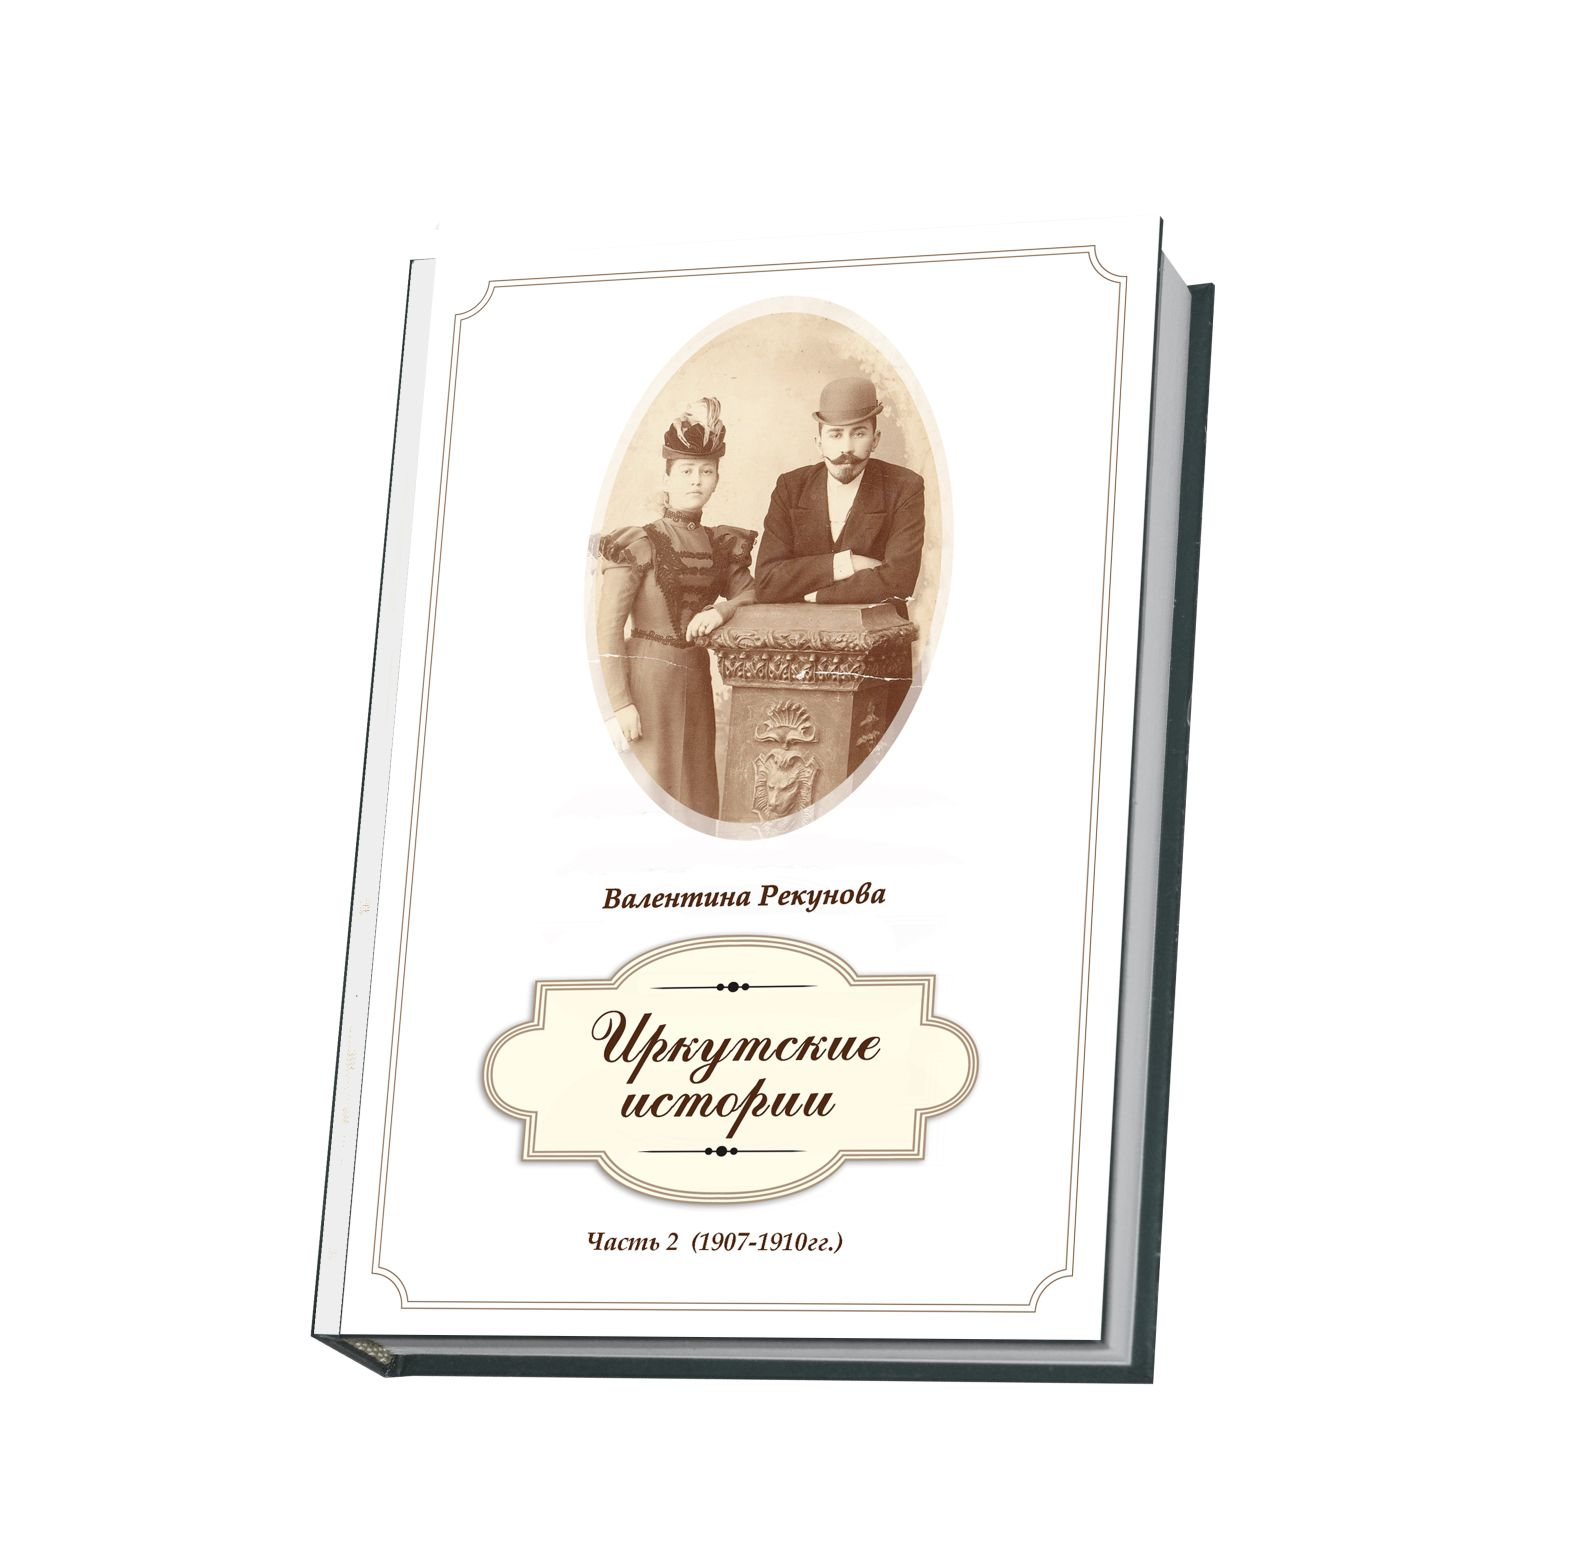 Иркутские истории: Часть 2 (1907-1910)